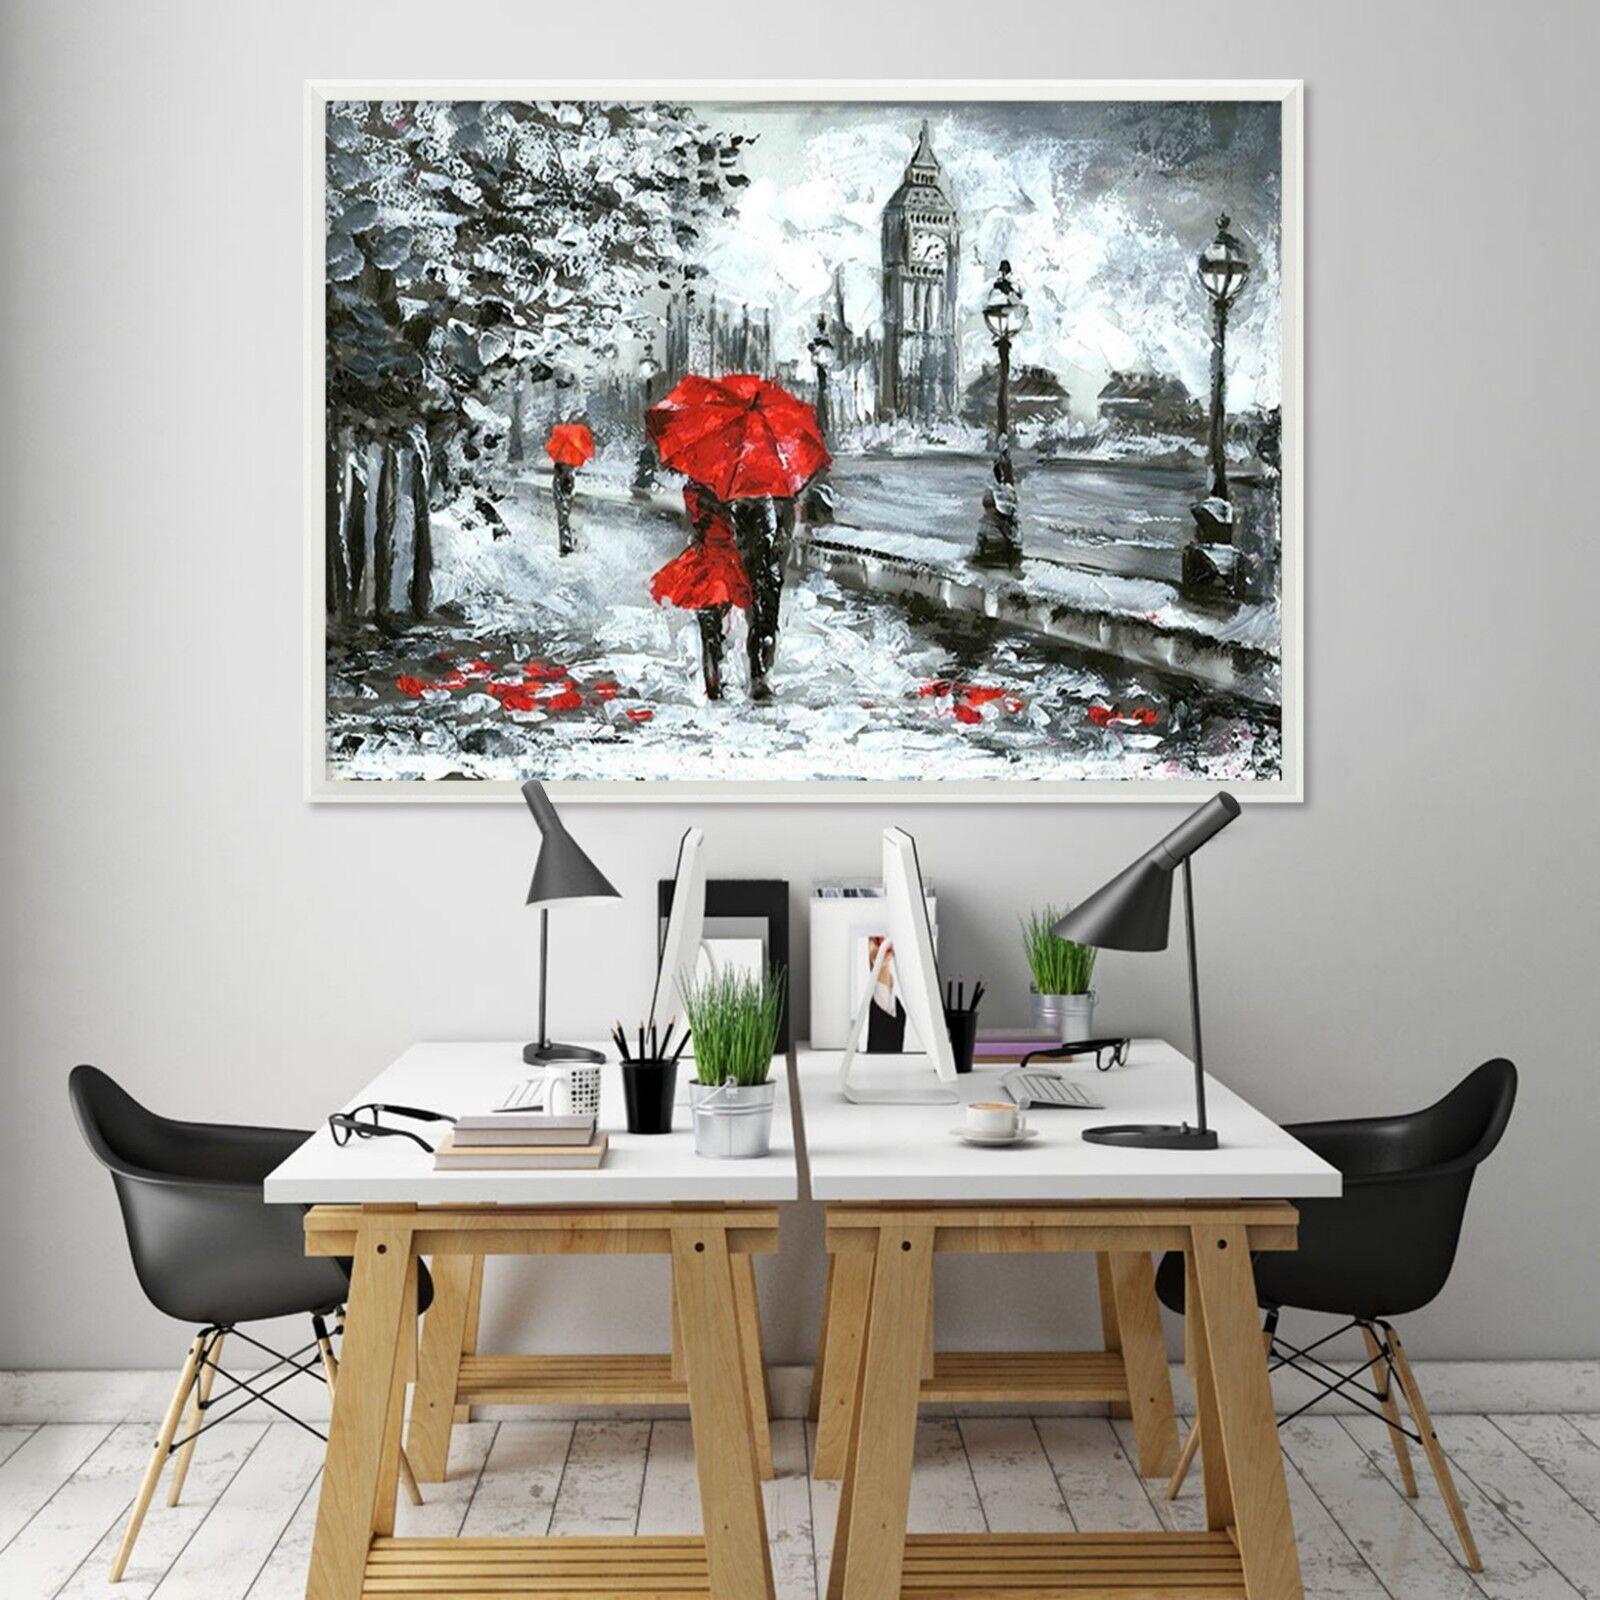 3D London Rain Street 2 Framed Poster Home Decor Print Painting Art AJ WALLPAPER